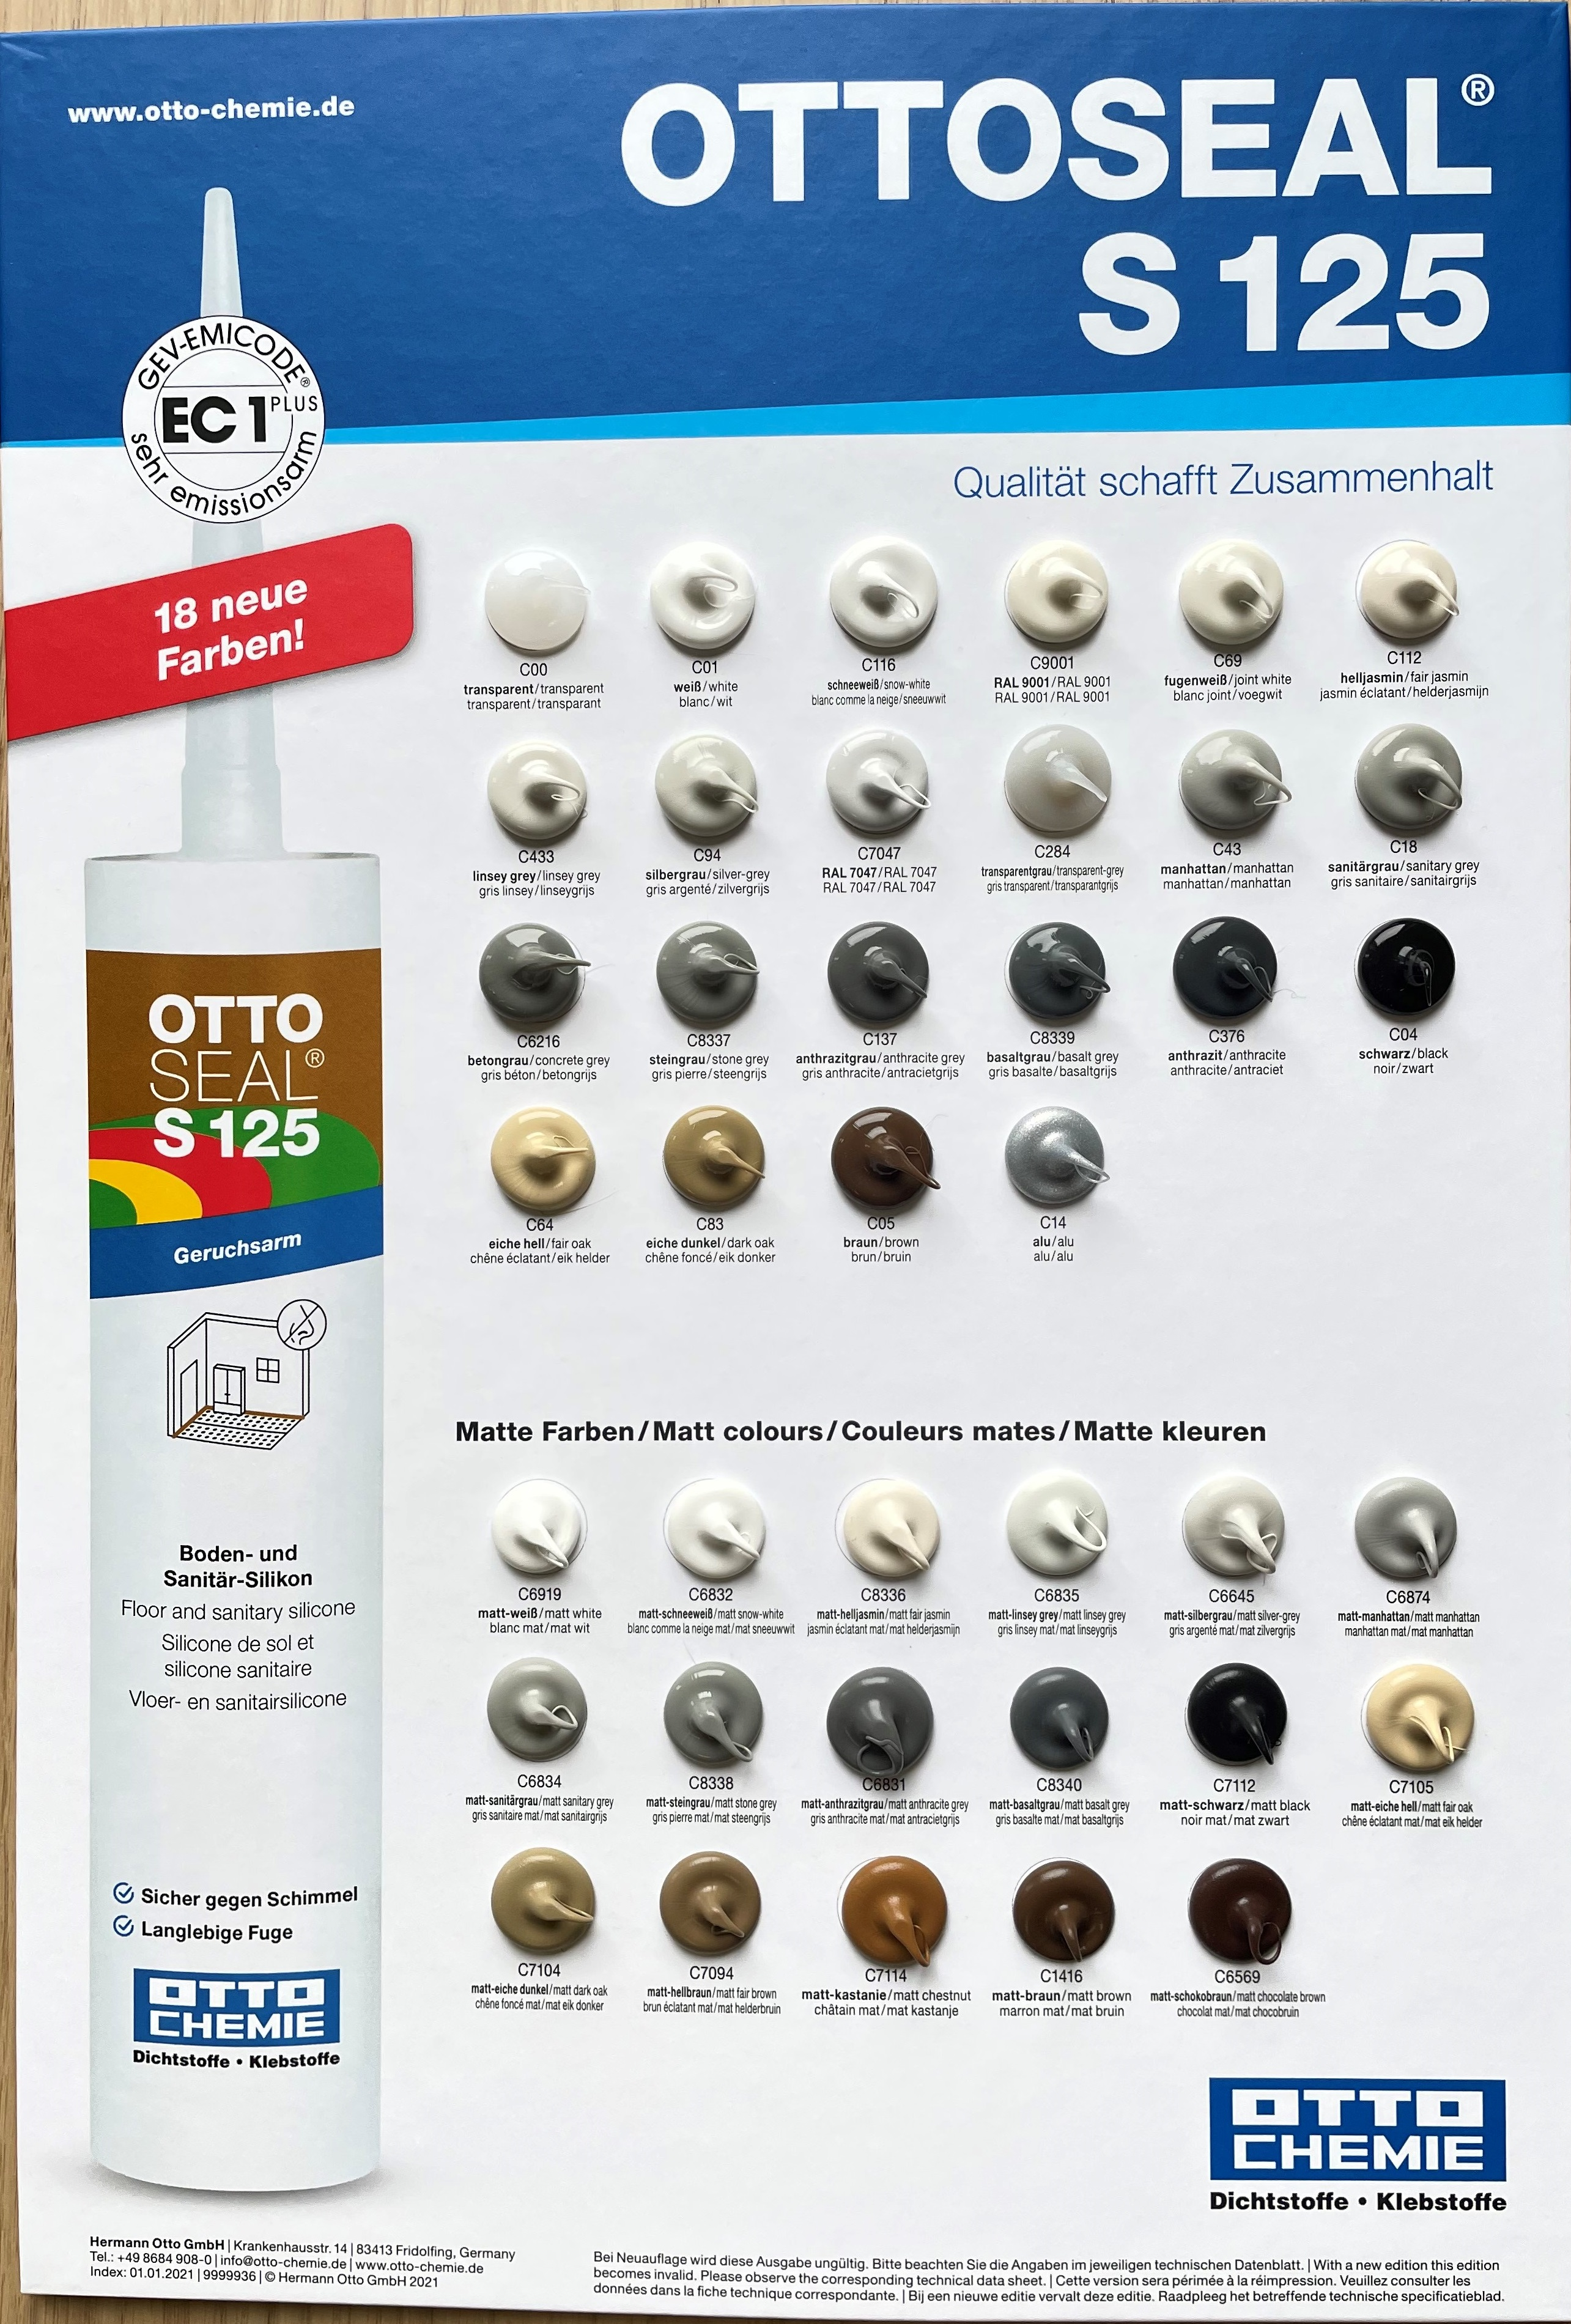 OTTOSEAL S125 Farbkarte